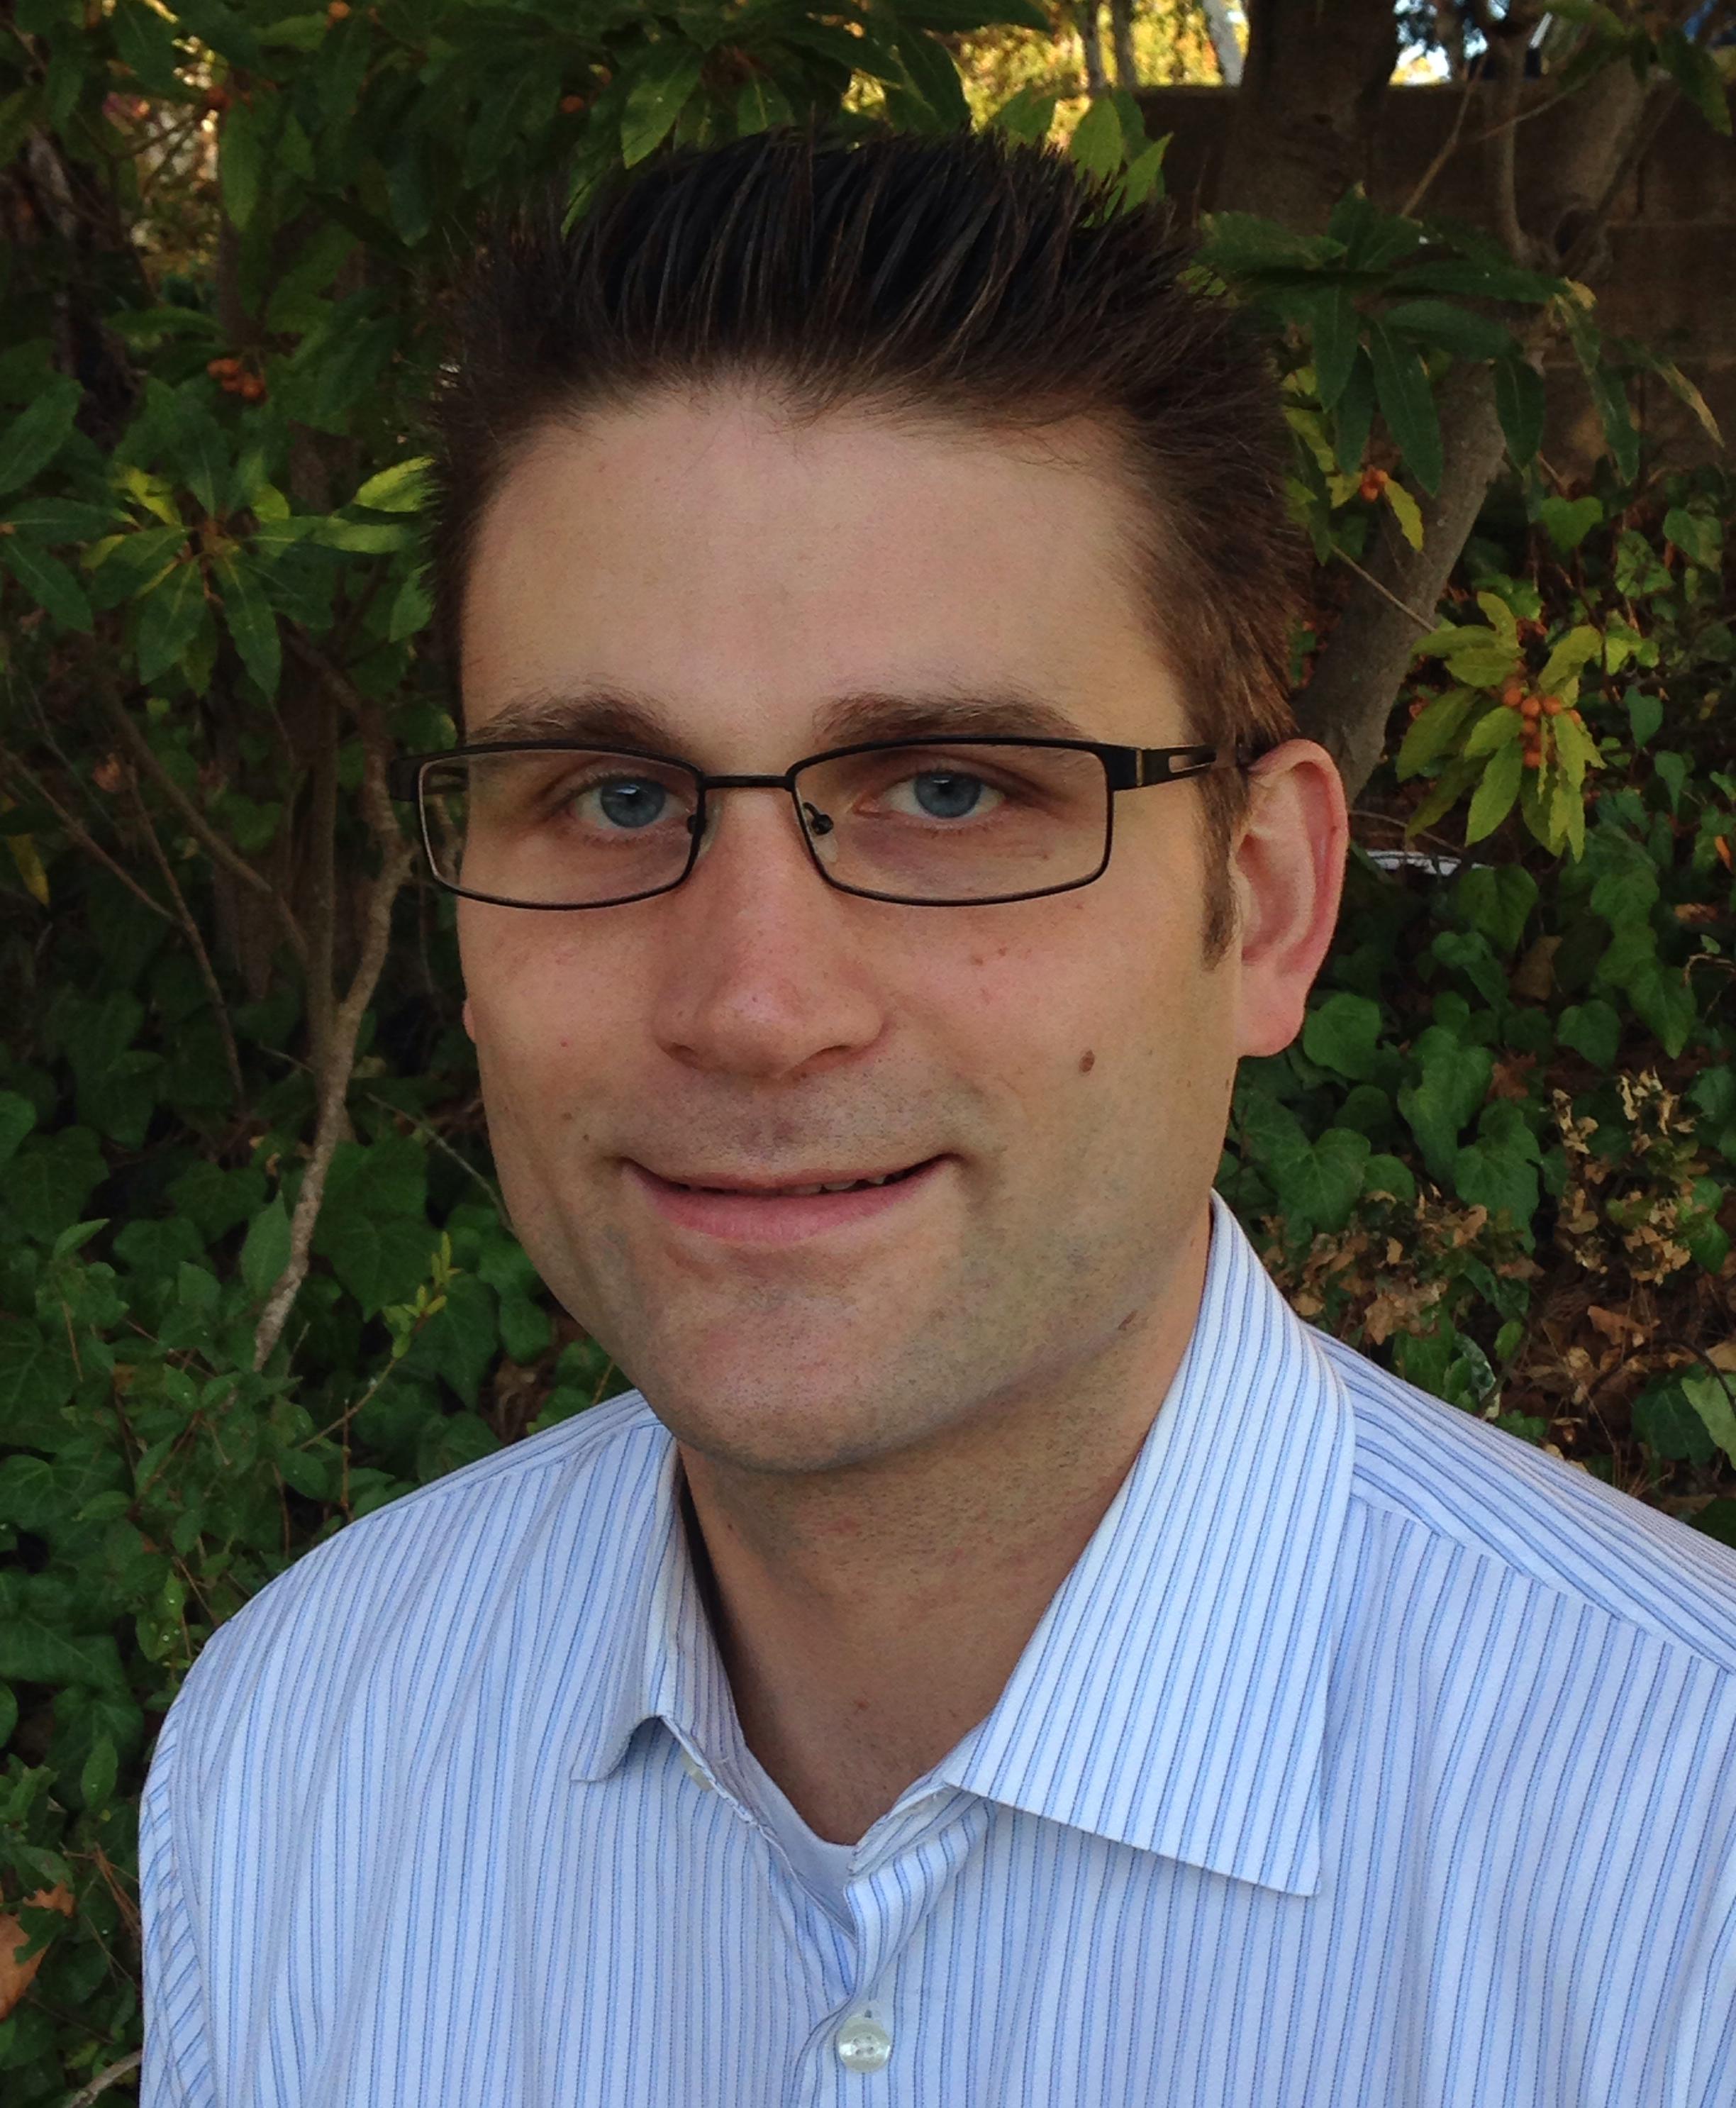 Portrait_AndreasGahlmann.JPG